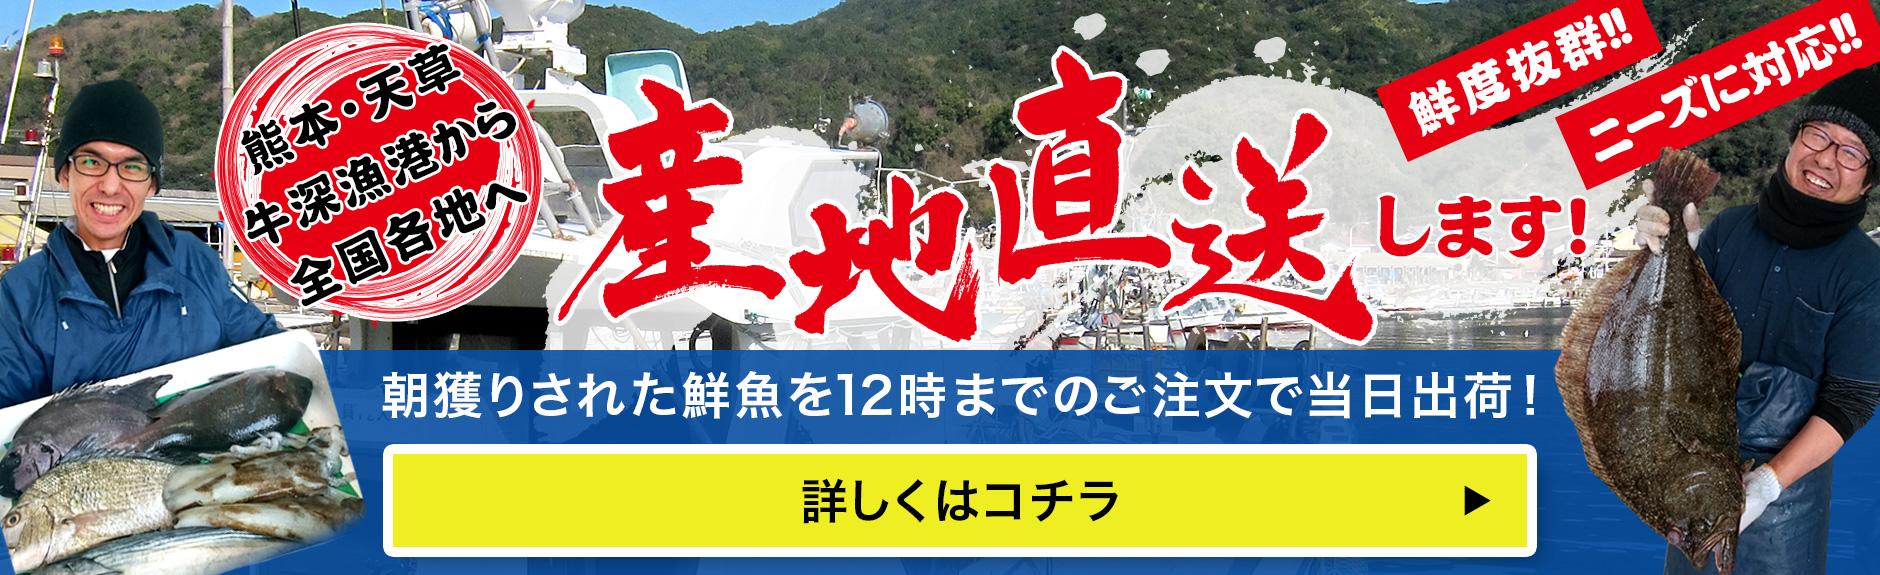 熊本・天草・牛深漁港から全国の飲食店様へ産地直送します!朝獲りされた鮮魚を12時までのご注文で当日出荷鮮度抜群ニーズに対応